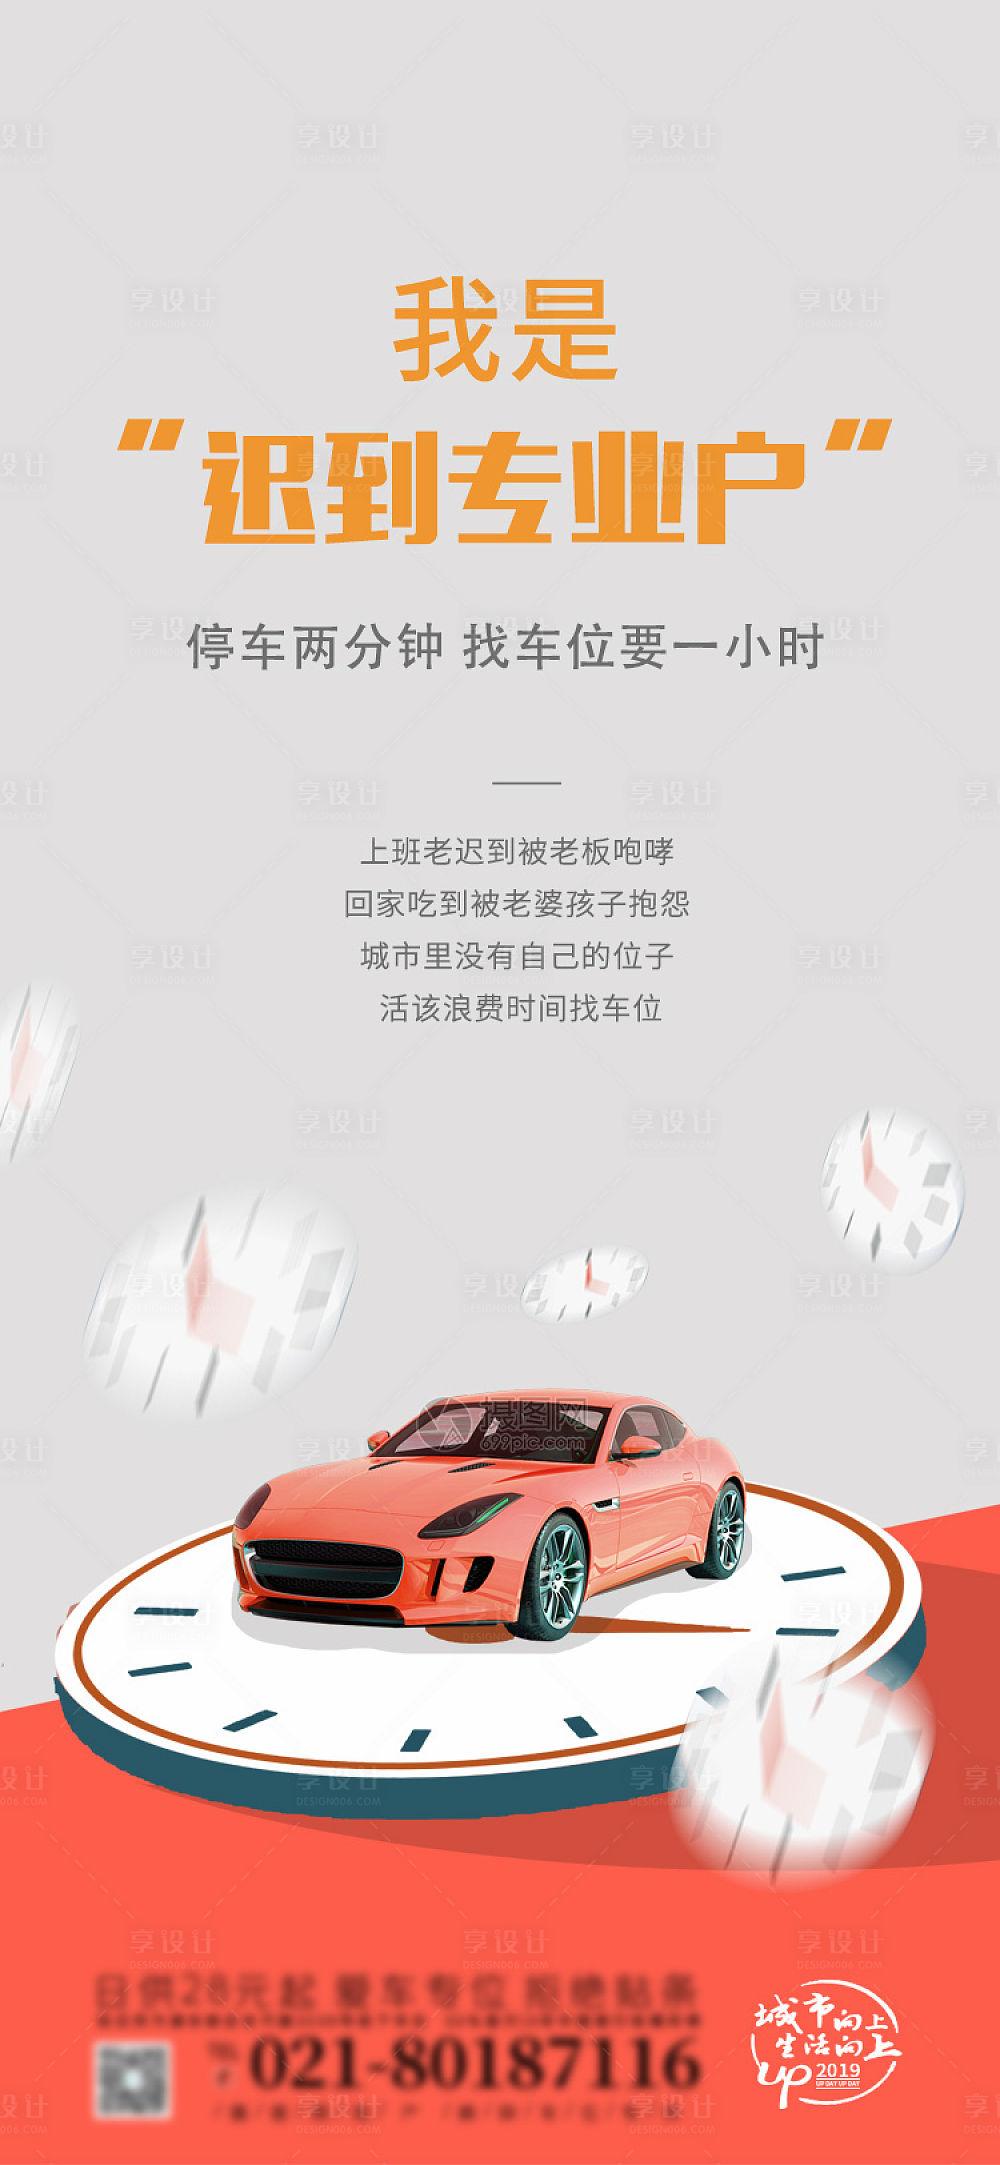 【源文件下载】 海报 房地产 车位 痛点 时钟 汽车 插画 创意 设计作品 设计图集